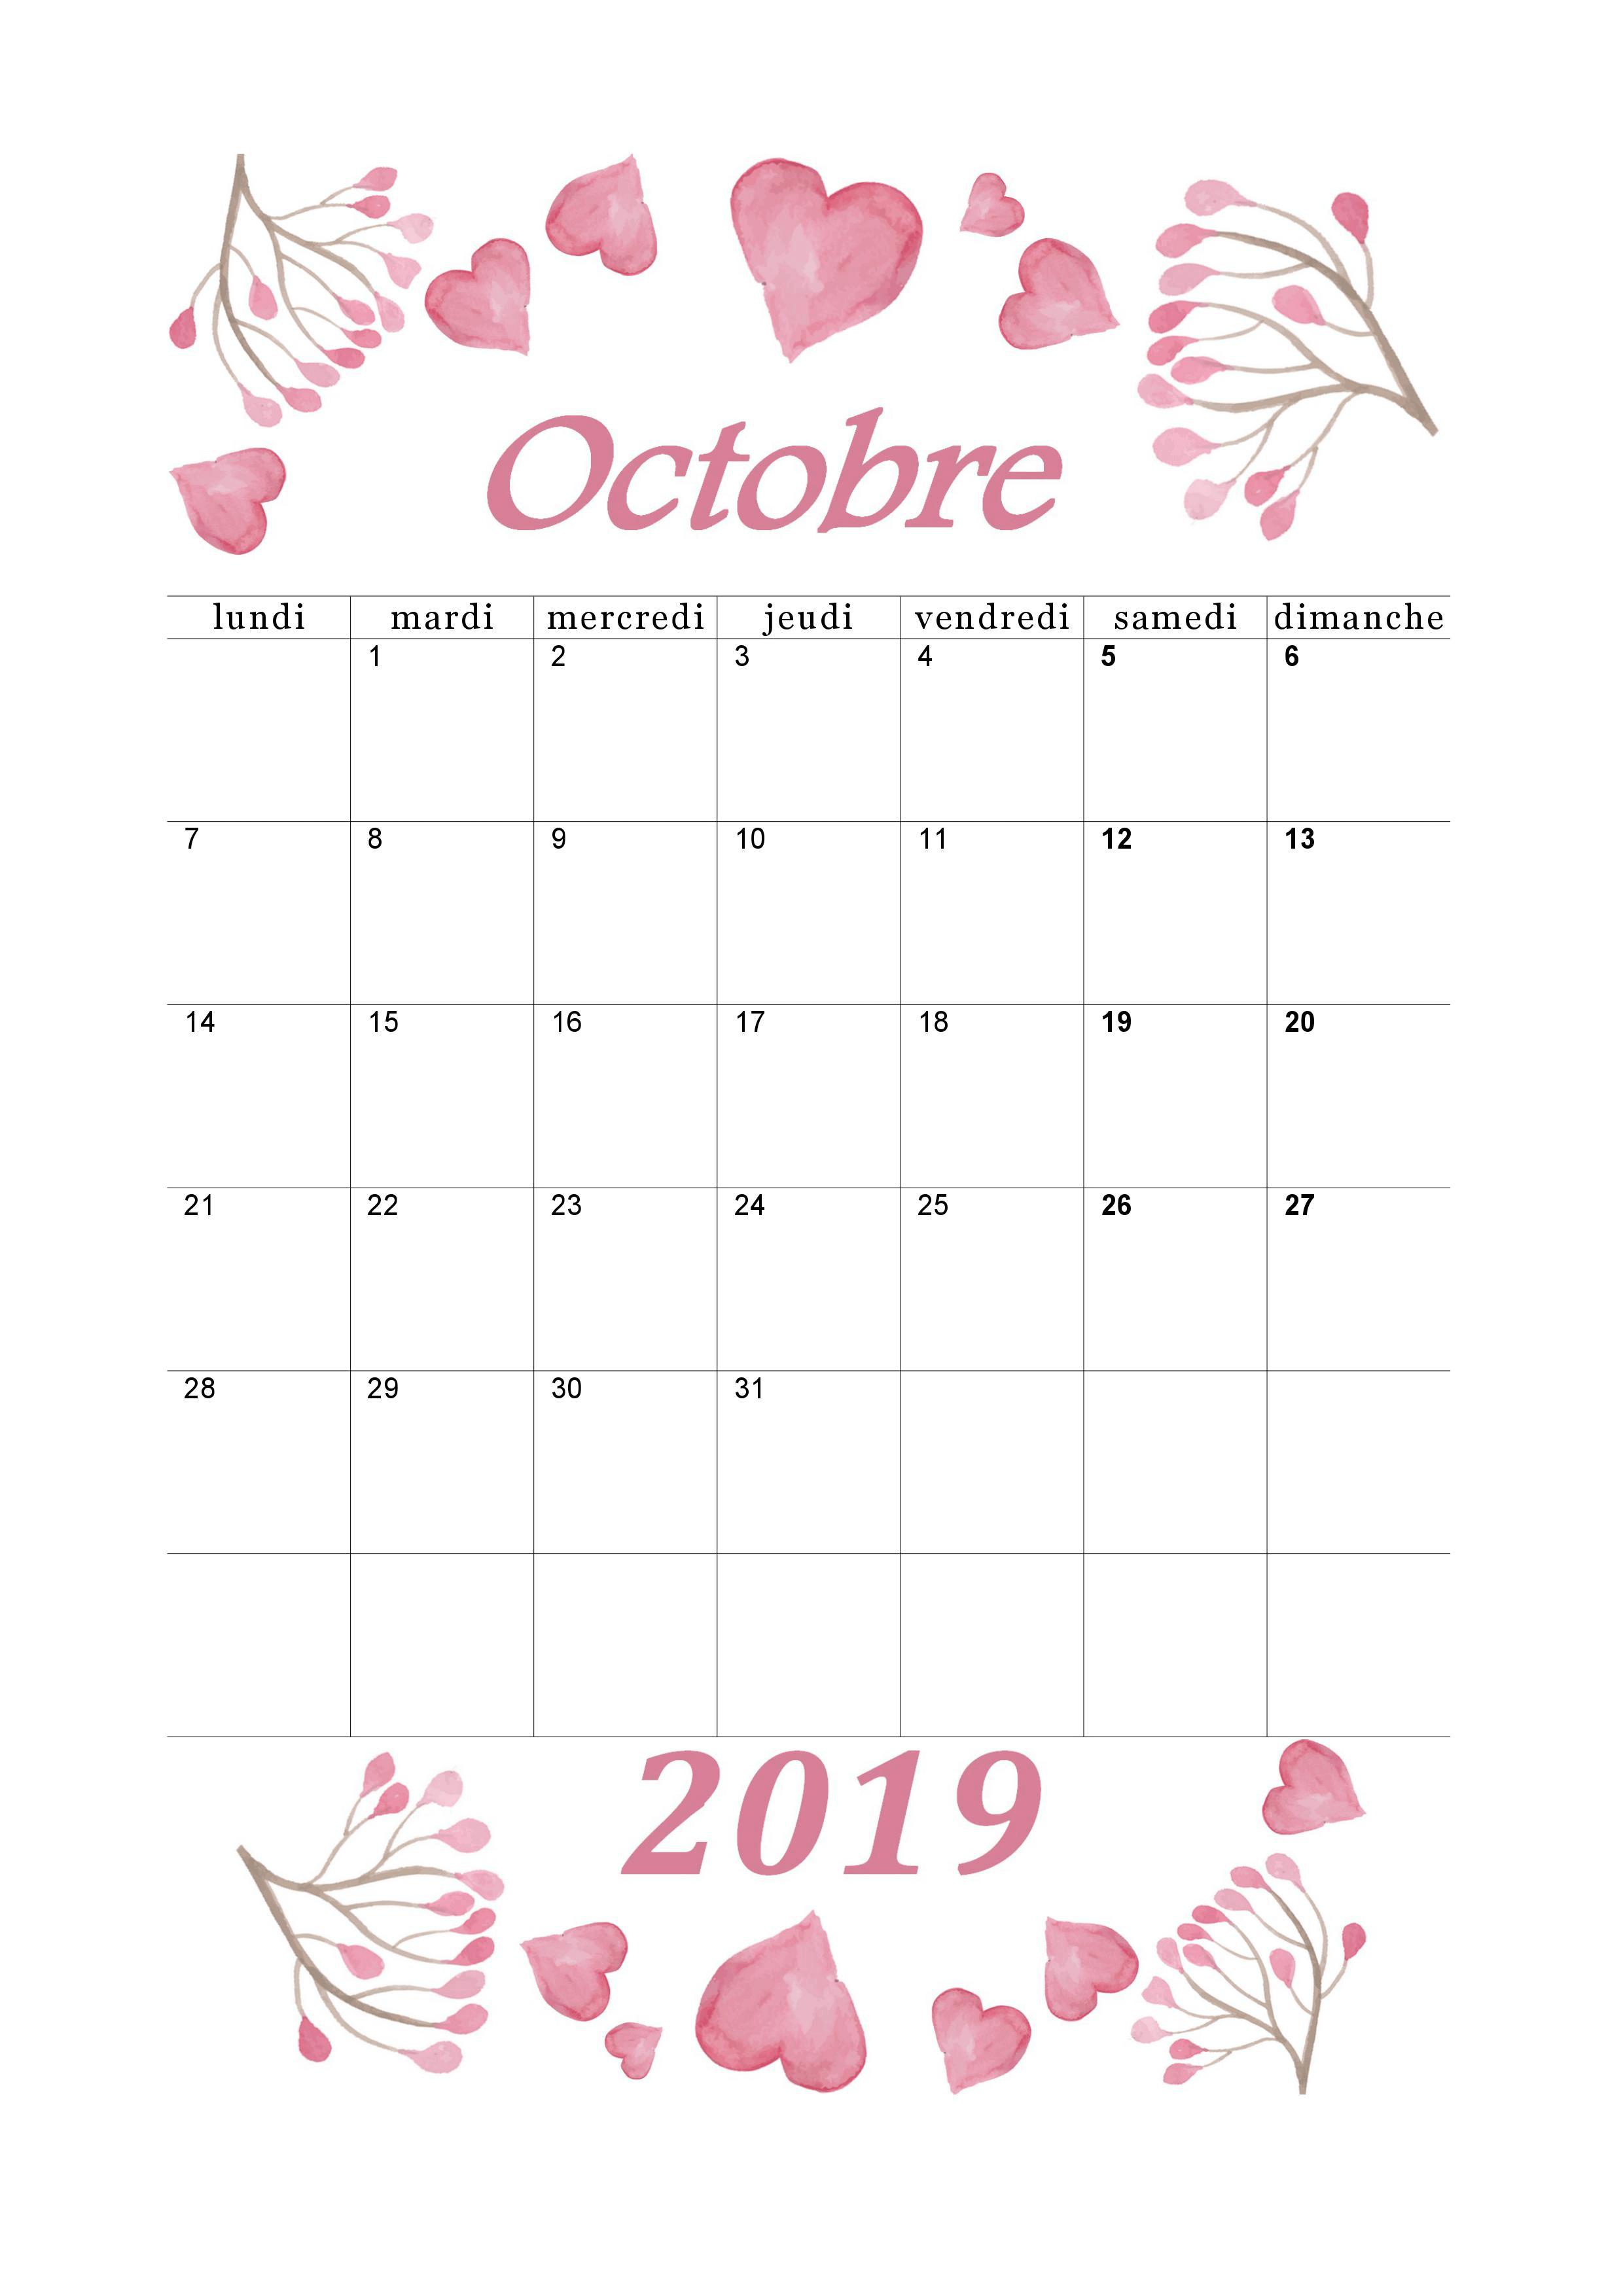 Octobre Calendrier 2019.Calendrier Octobre 2019 A Imprimer Calendriers Imprimables